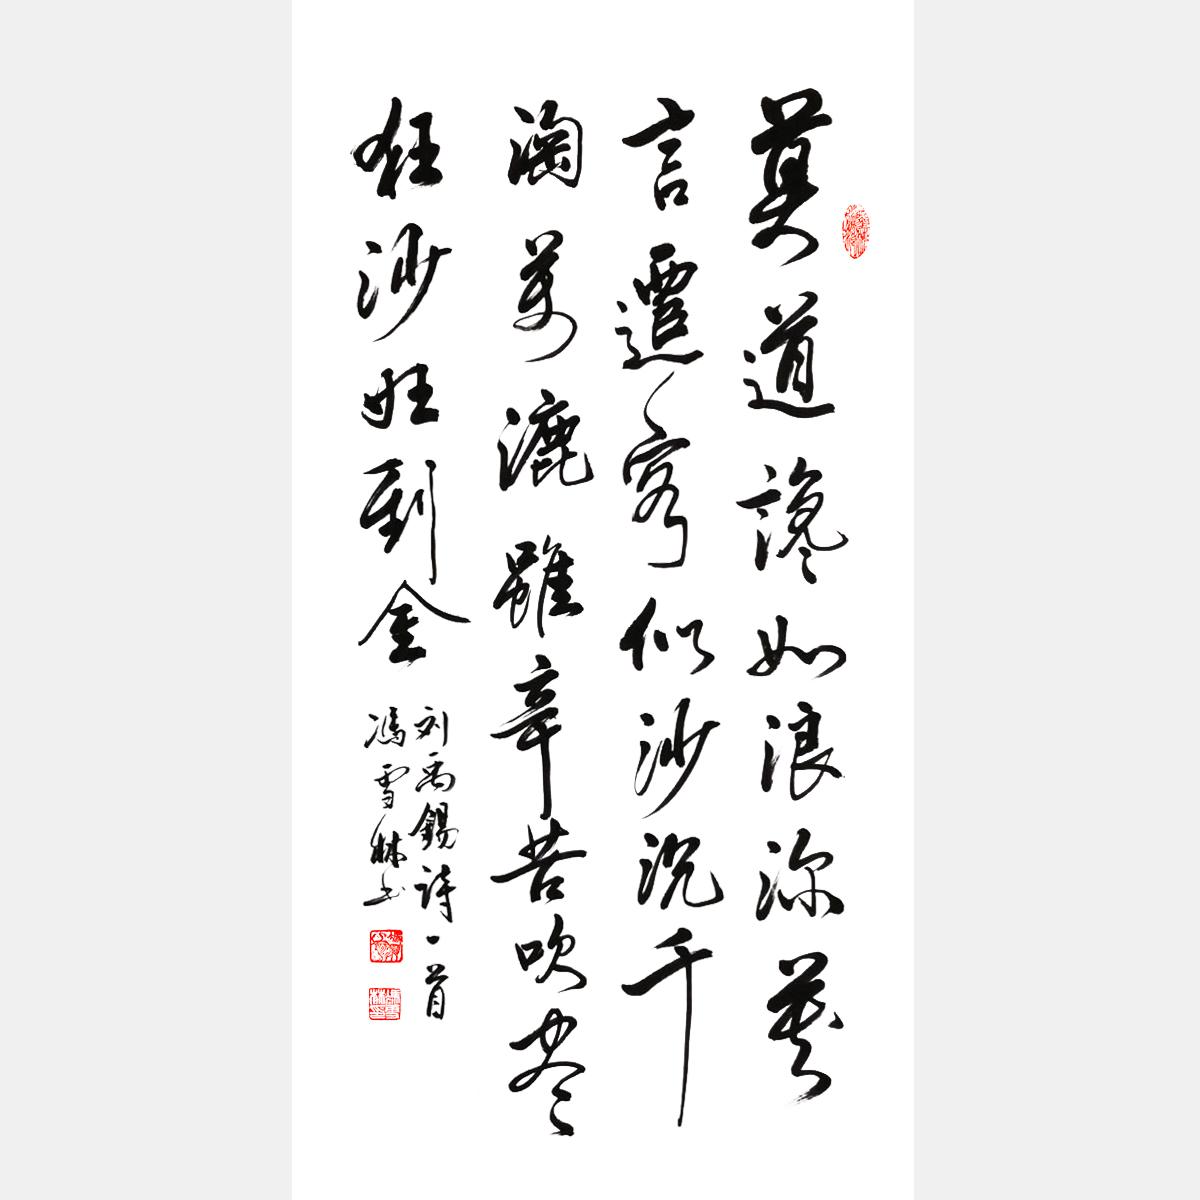 冯雪林书法作品 刘禹锡《浪淘沙九首·其八》千淘万漉虽辛苦,吹尽黄沙始到金。